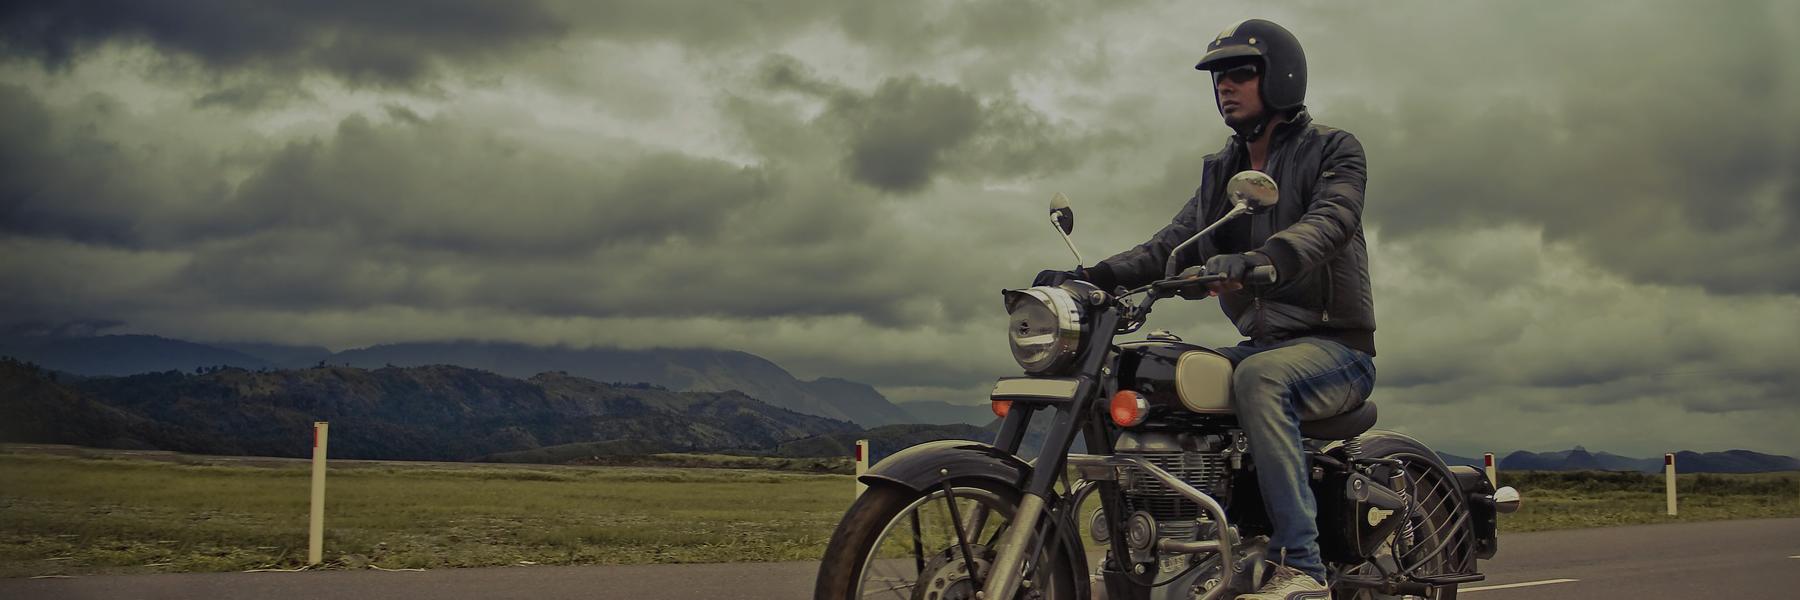 Motorbike Insurance Ireland Online Quote Motorbike Insurance